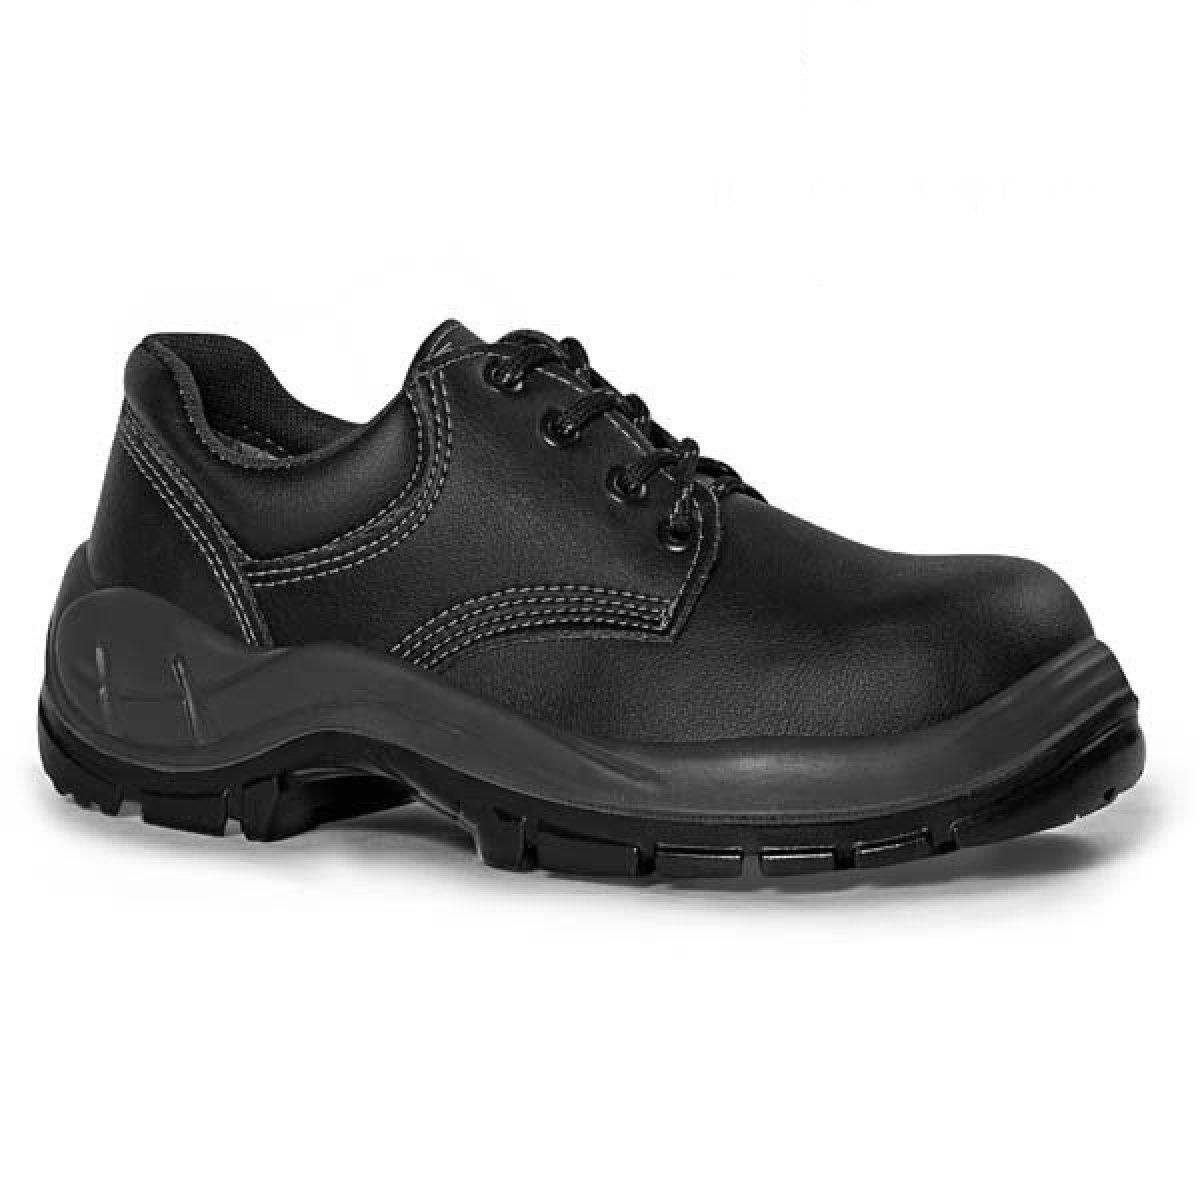 Sapato c/ Cadarço Bidensidade c/ Bico de Aço Preto N°39 - BRACOL